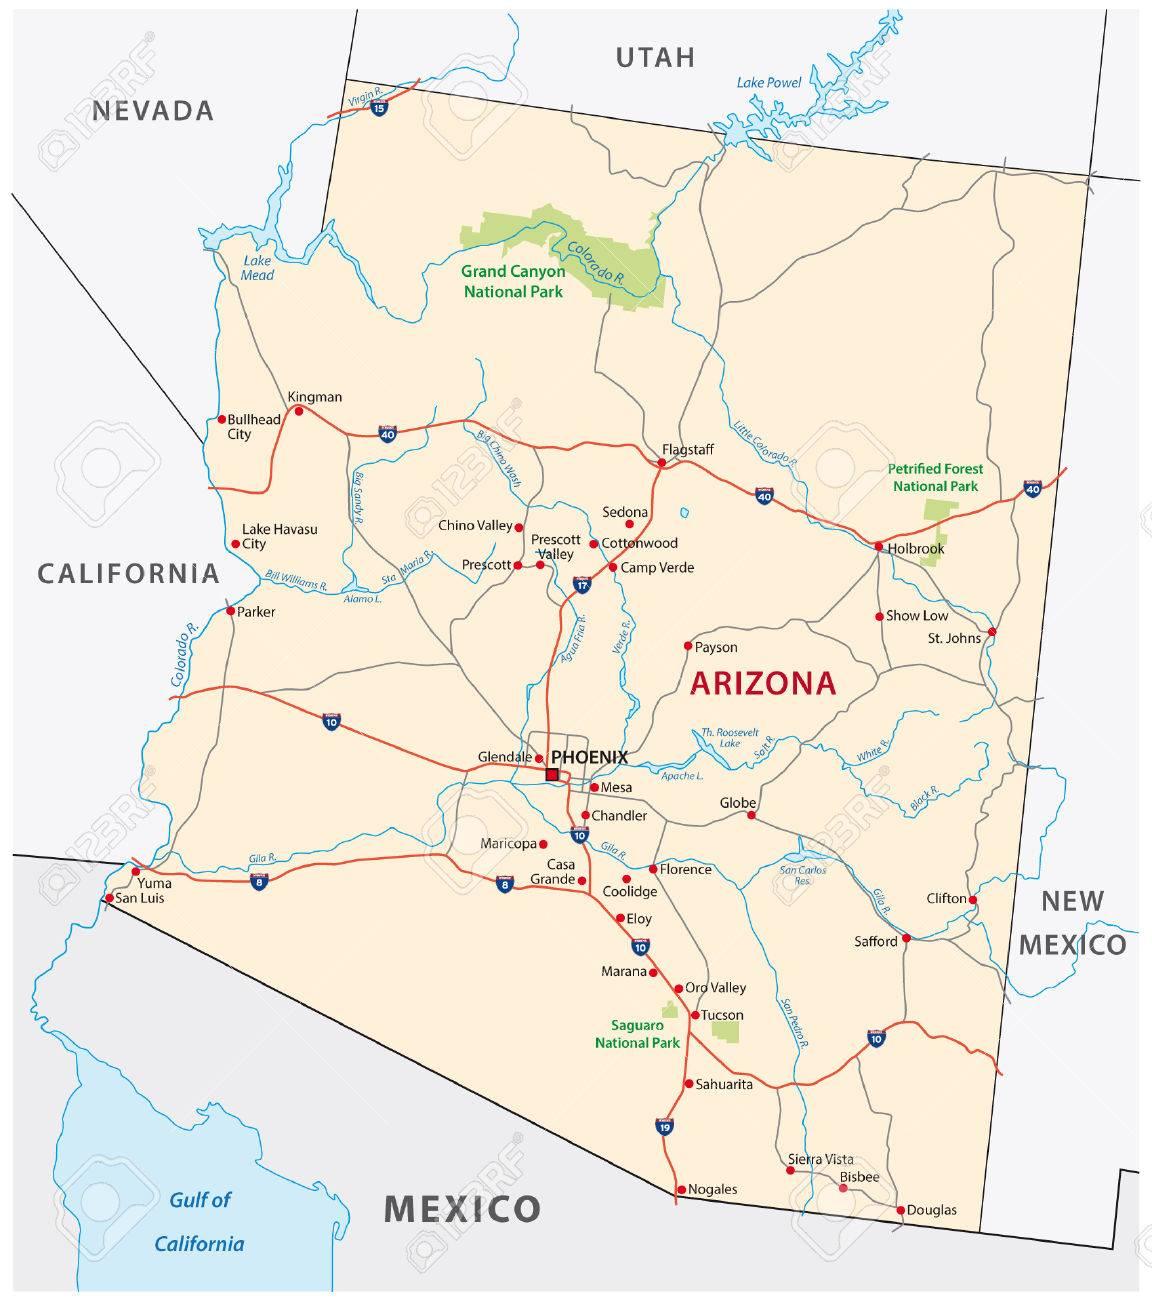 arizona road map arizona road map az road map arizona highway map